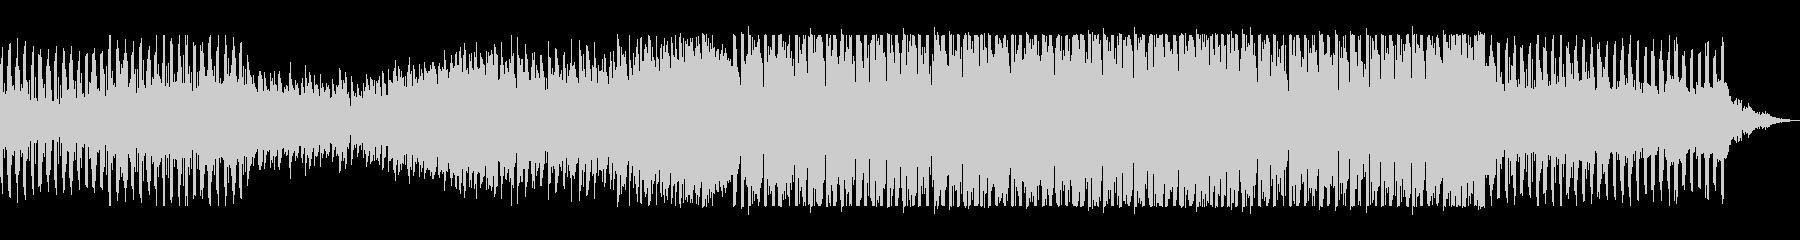 アナログシンセのユーロ系テクノの未再生の波形